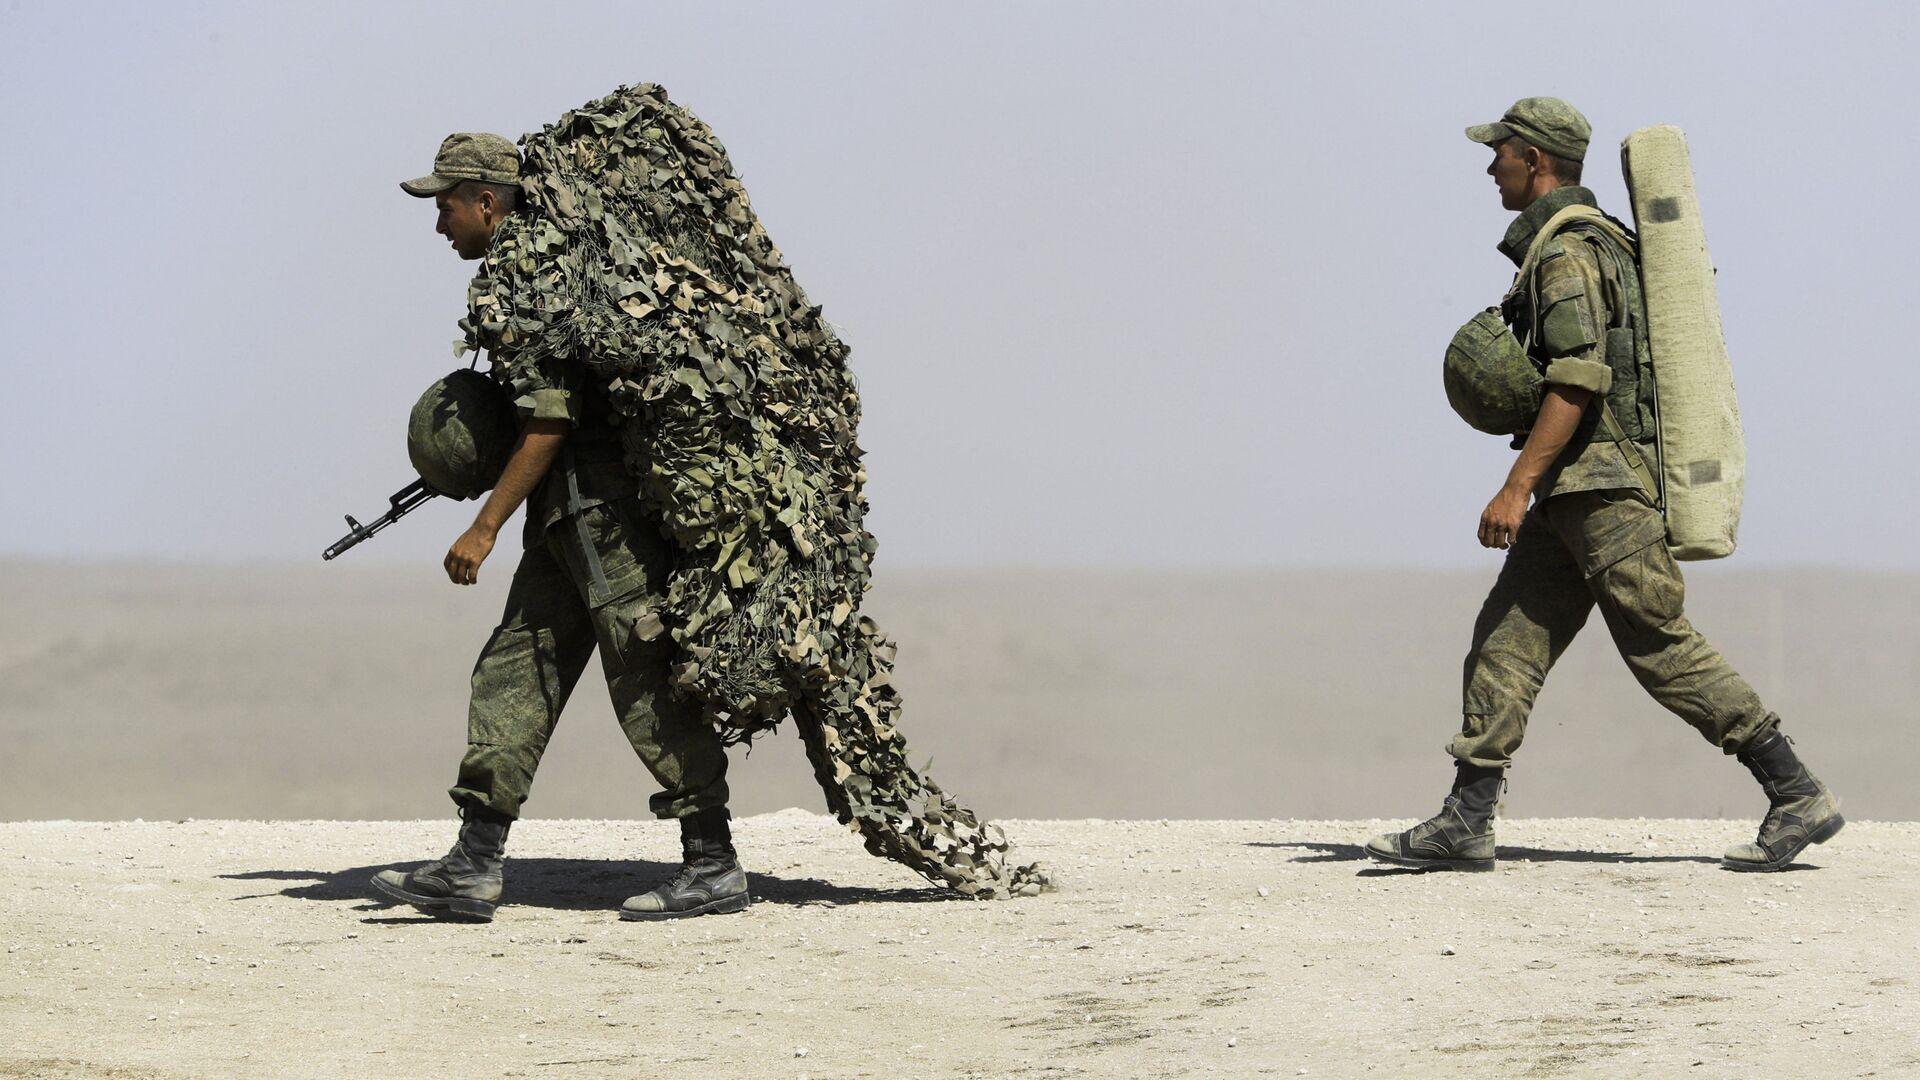 Российские военнослужащие во время военных учений на побережье Черного моря в Крыму - РИА Новости, 1920, 27.07.2021